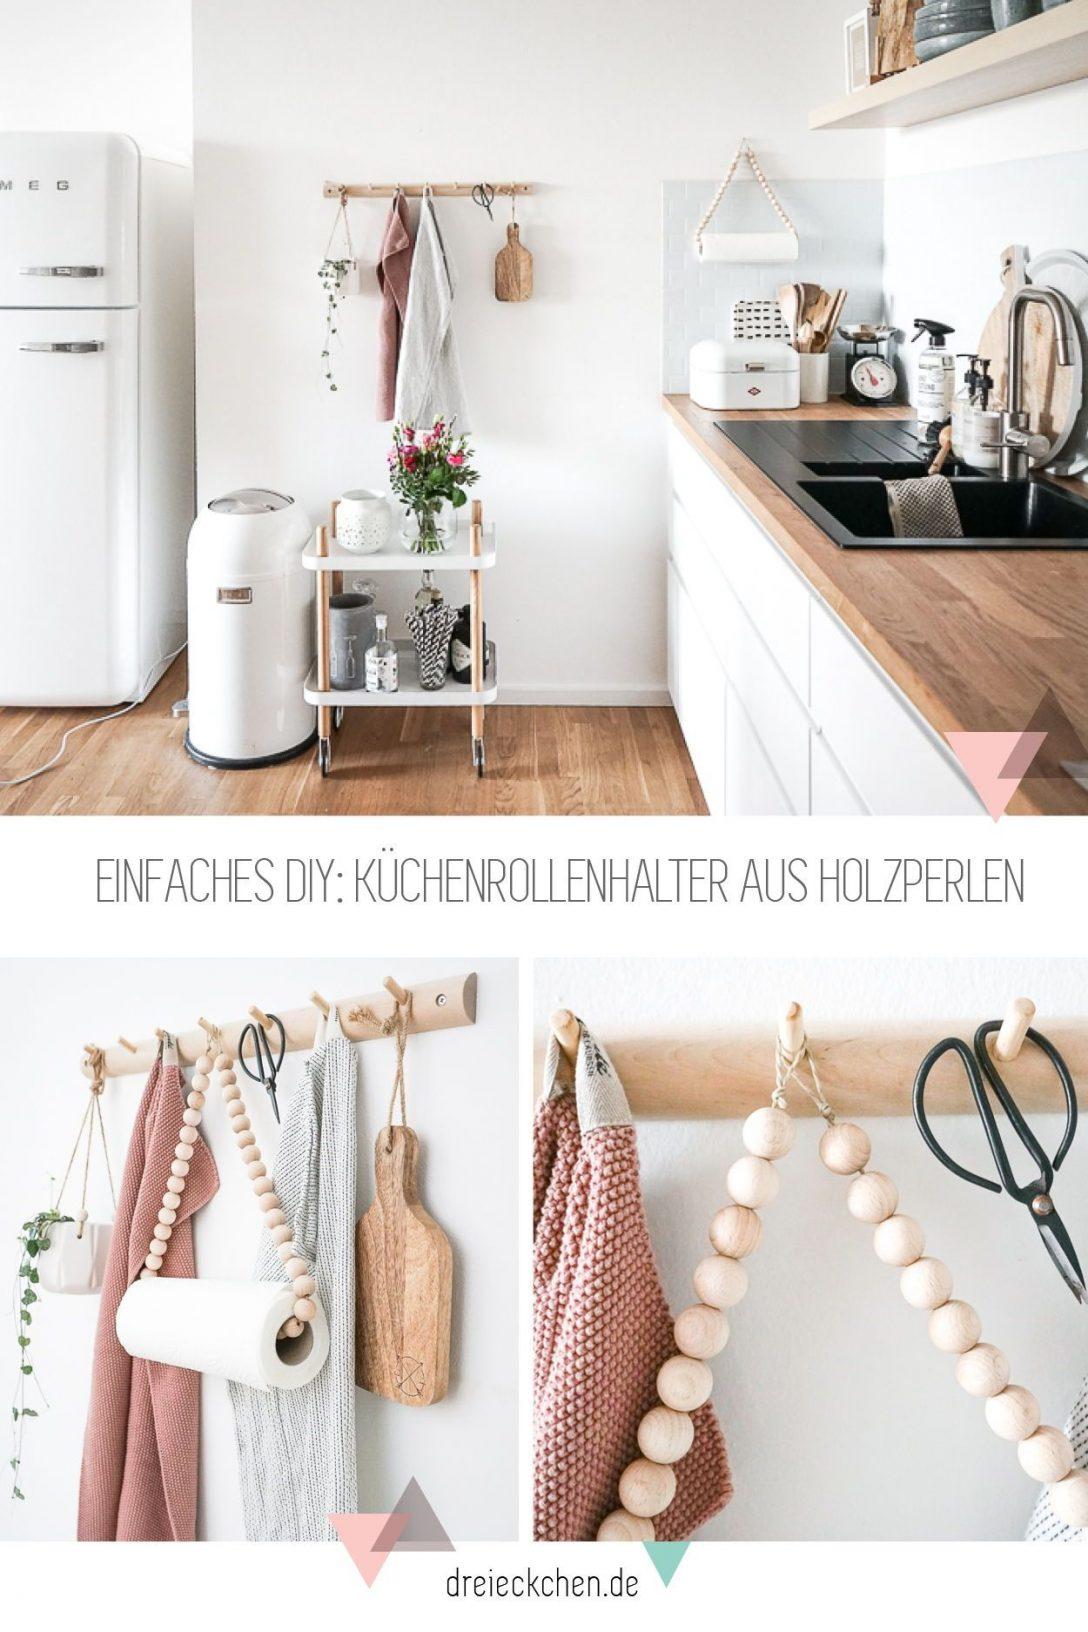 Large Size of Handtuchhalter Ikea Praktische Kchenhelfer Diy Ideen Fr Kchenrollenhalter Bad Modulküche Miniküche Küche Kaufen Betten Bei Sofa Mit Schlaffunktion Kosten Wohnzimmer Handtuchhalter Ikea